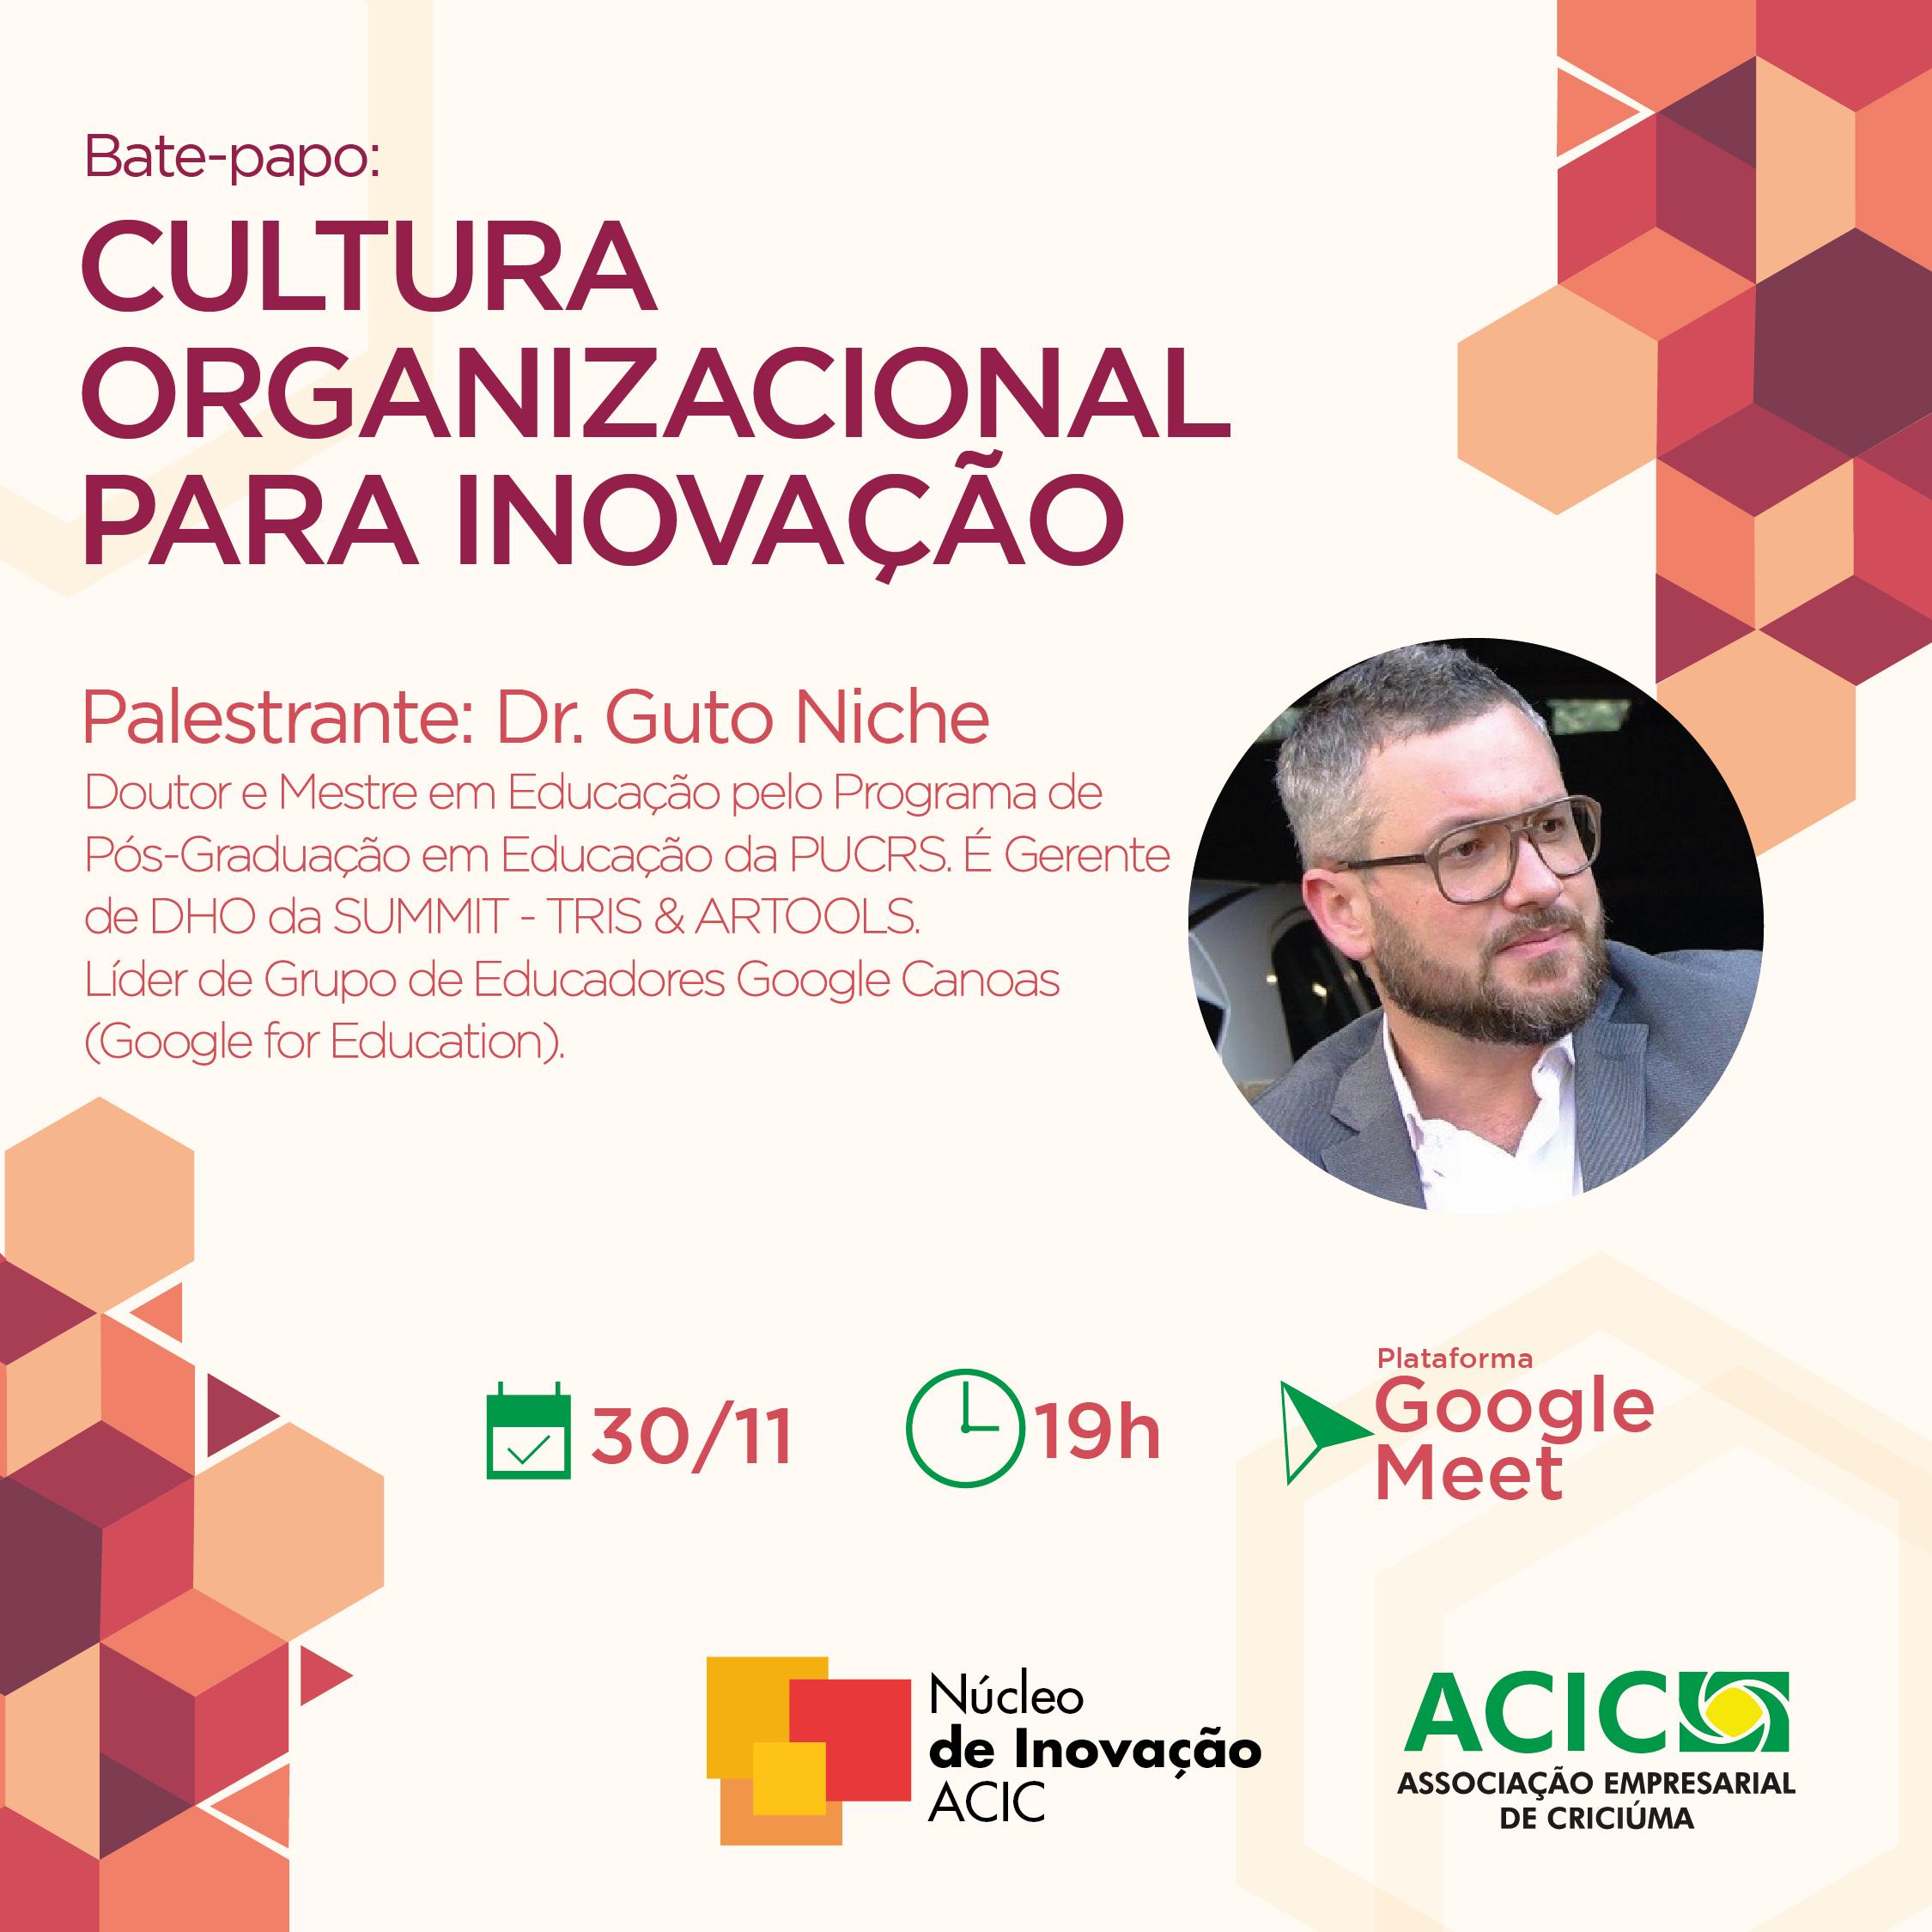 Mestre em Educação Augusto Niche lança na Acic o Núcleo de Inovação